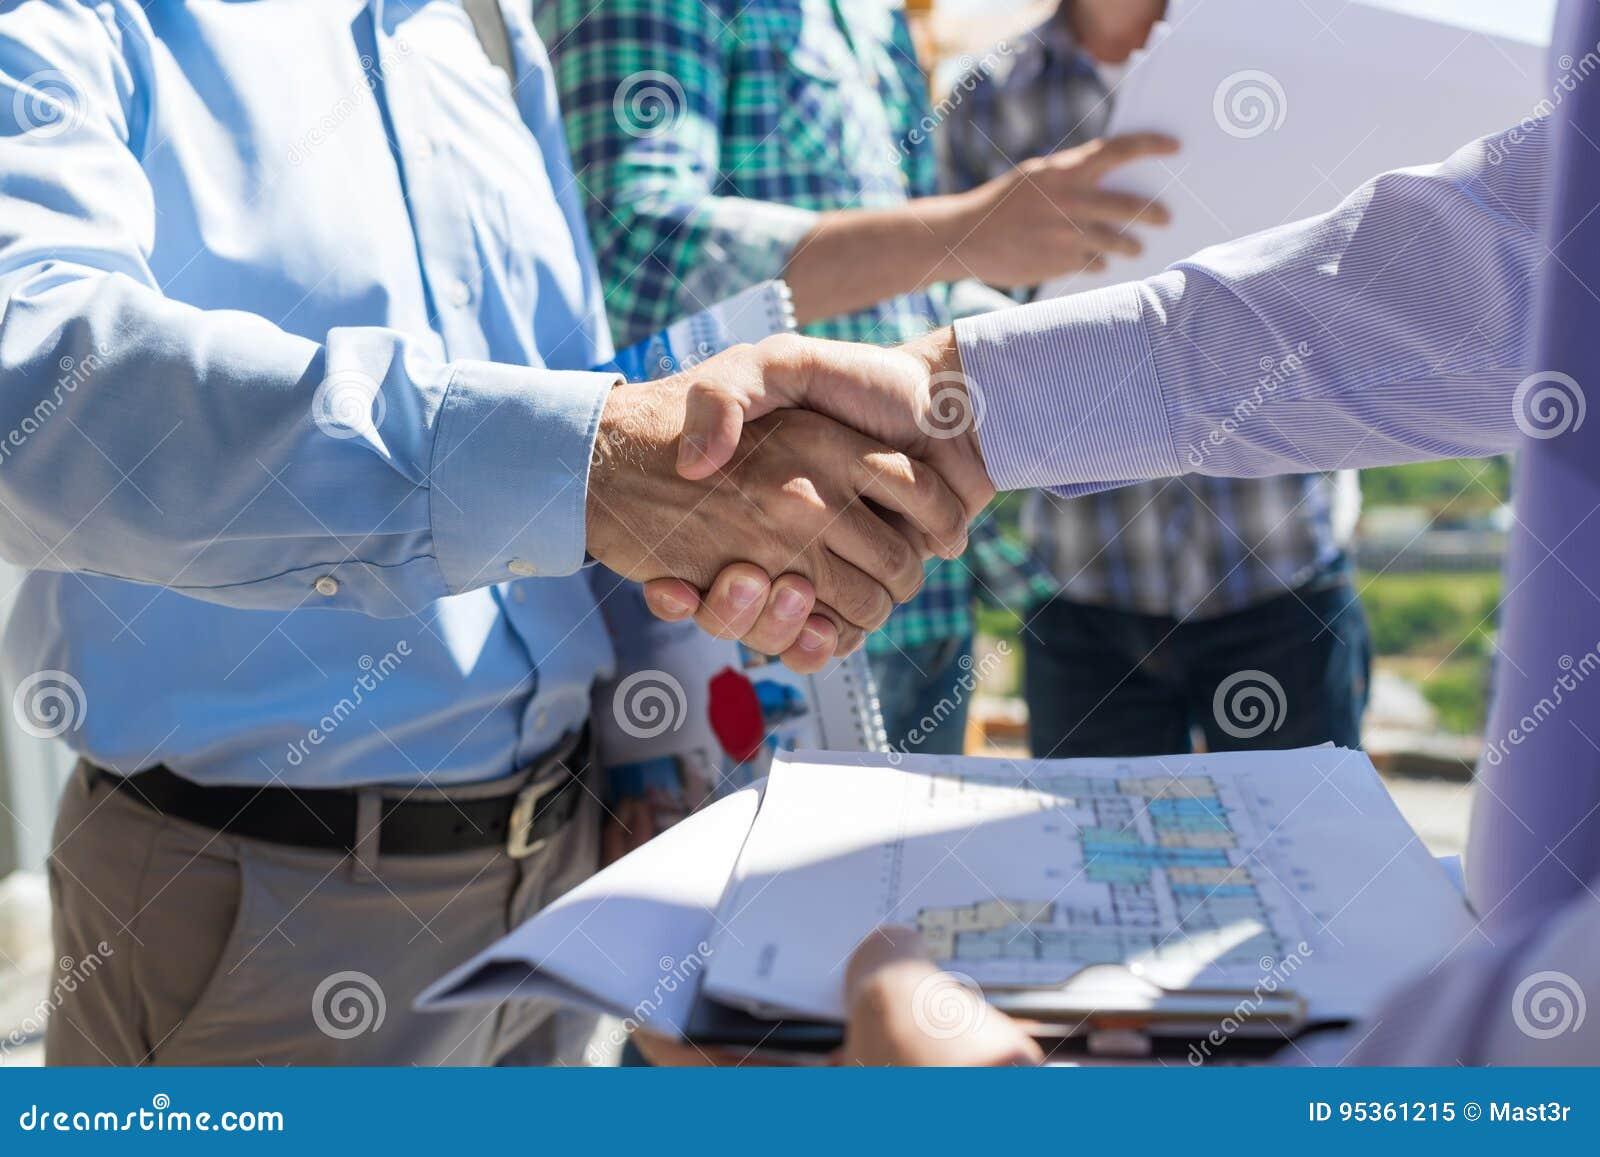 Крупный план рукопожатия построителей, 2 строя бизнесмена делая дело после обсуждения светокопии к новому проекту с